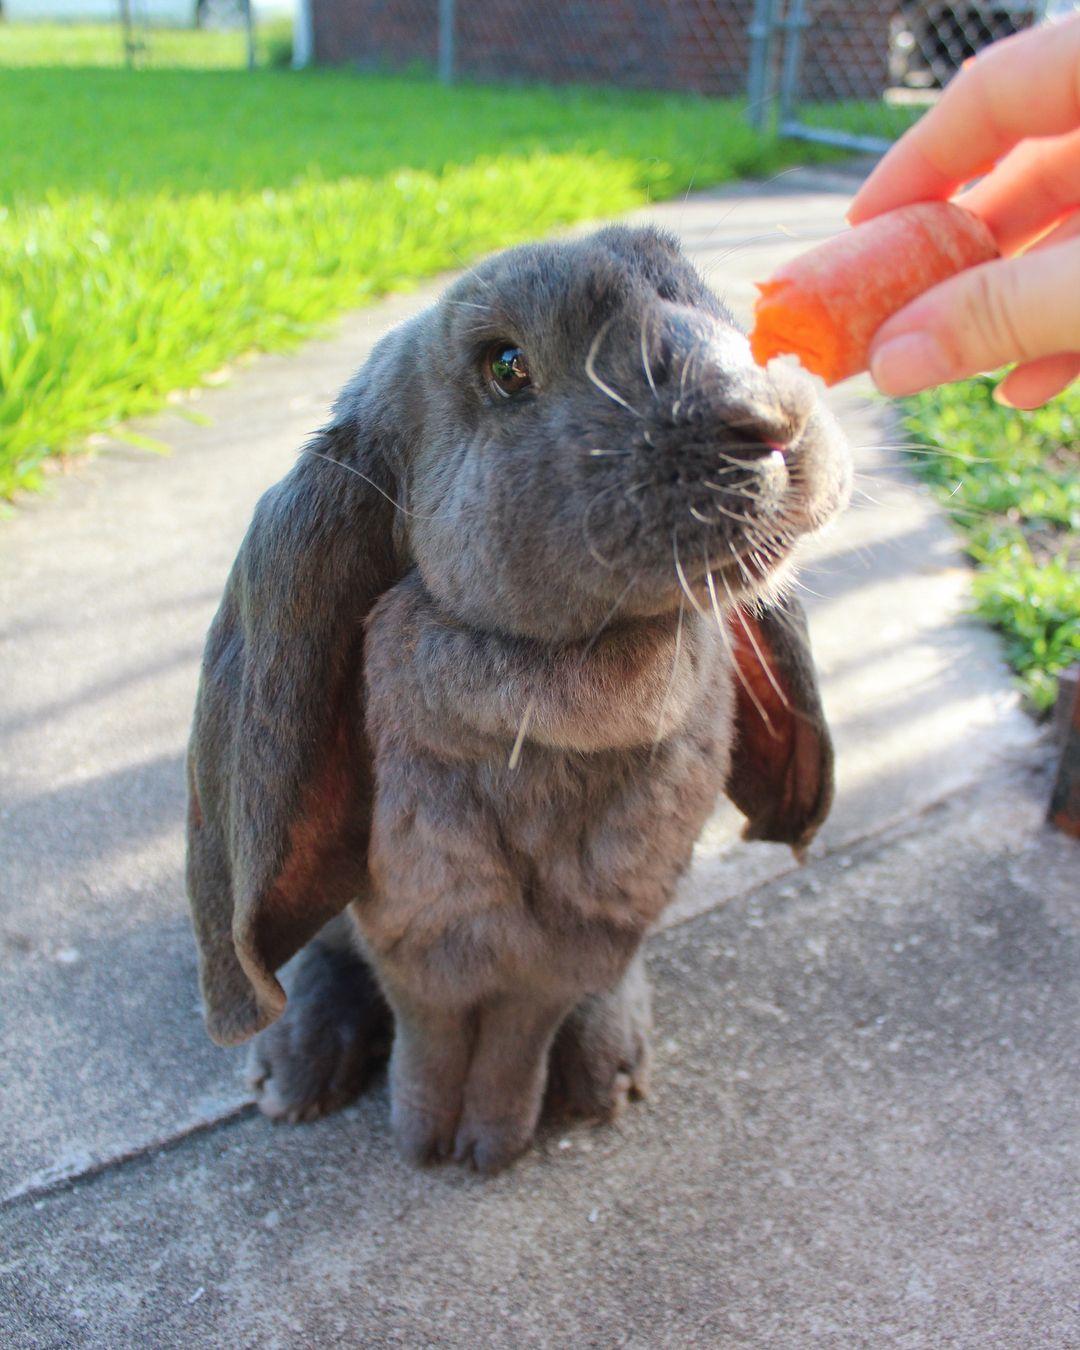 Pin on Rabbits